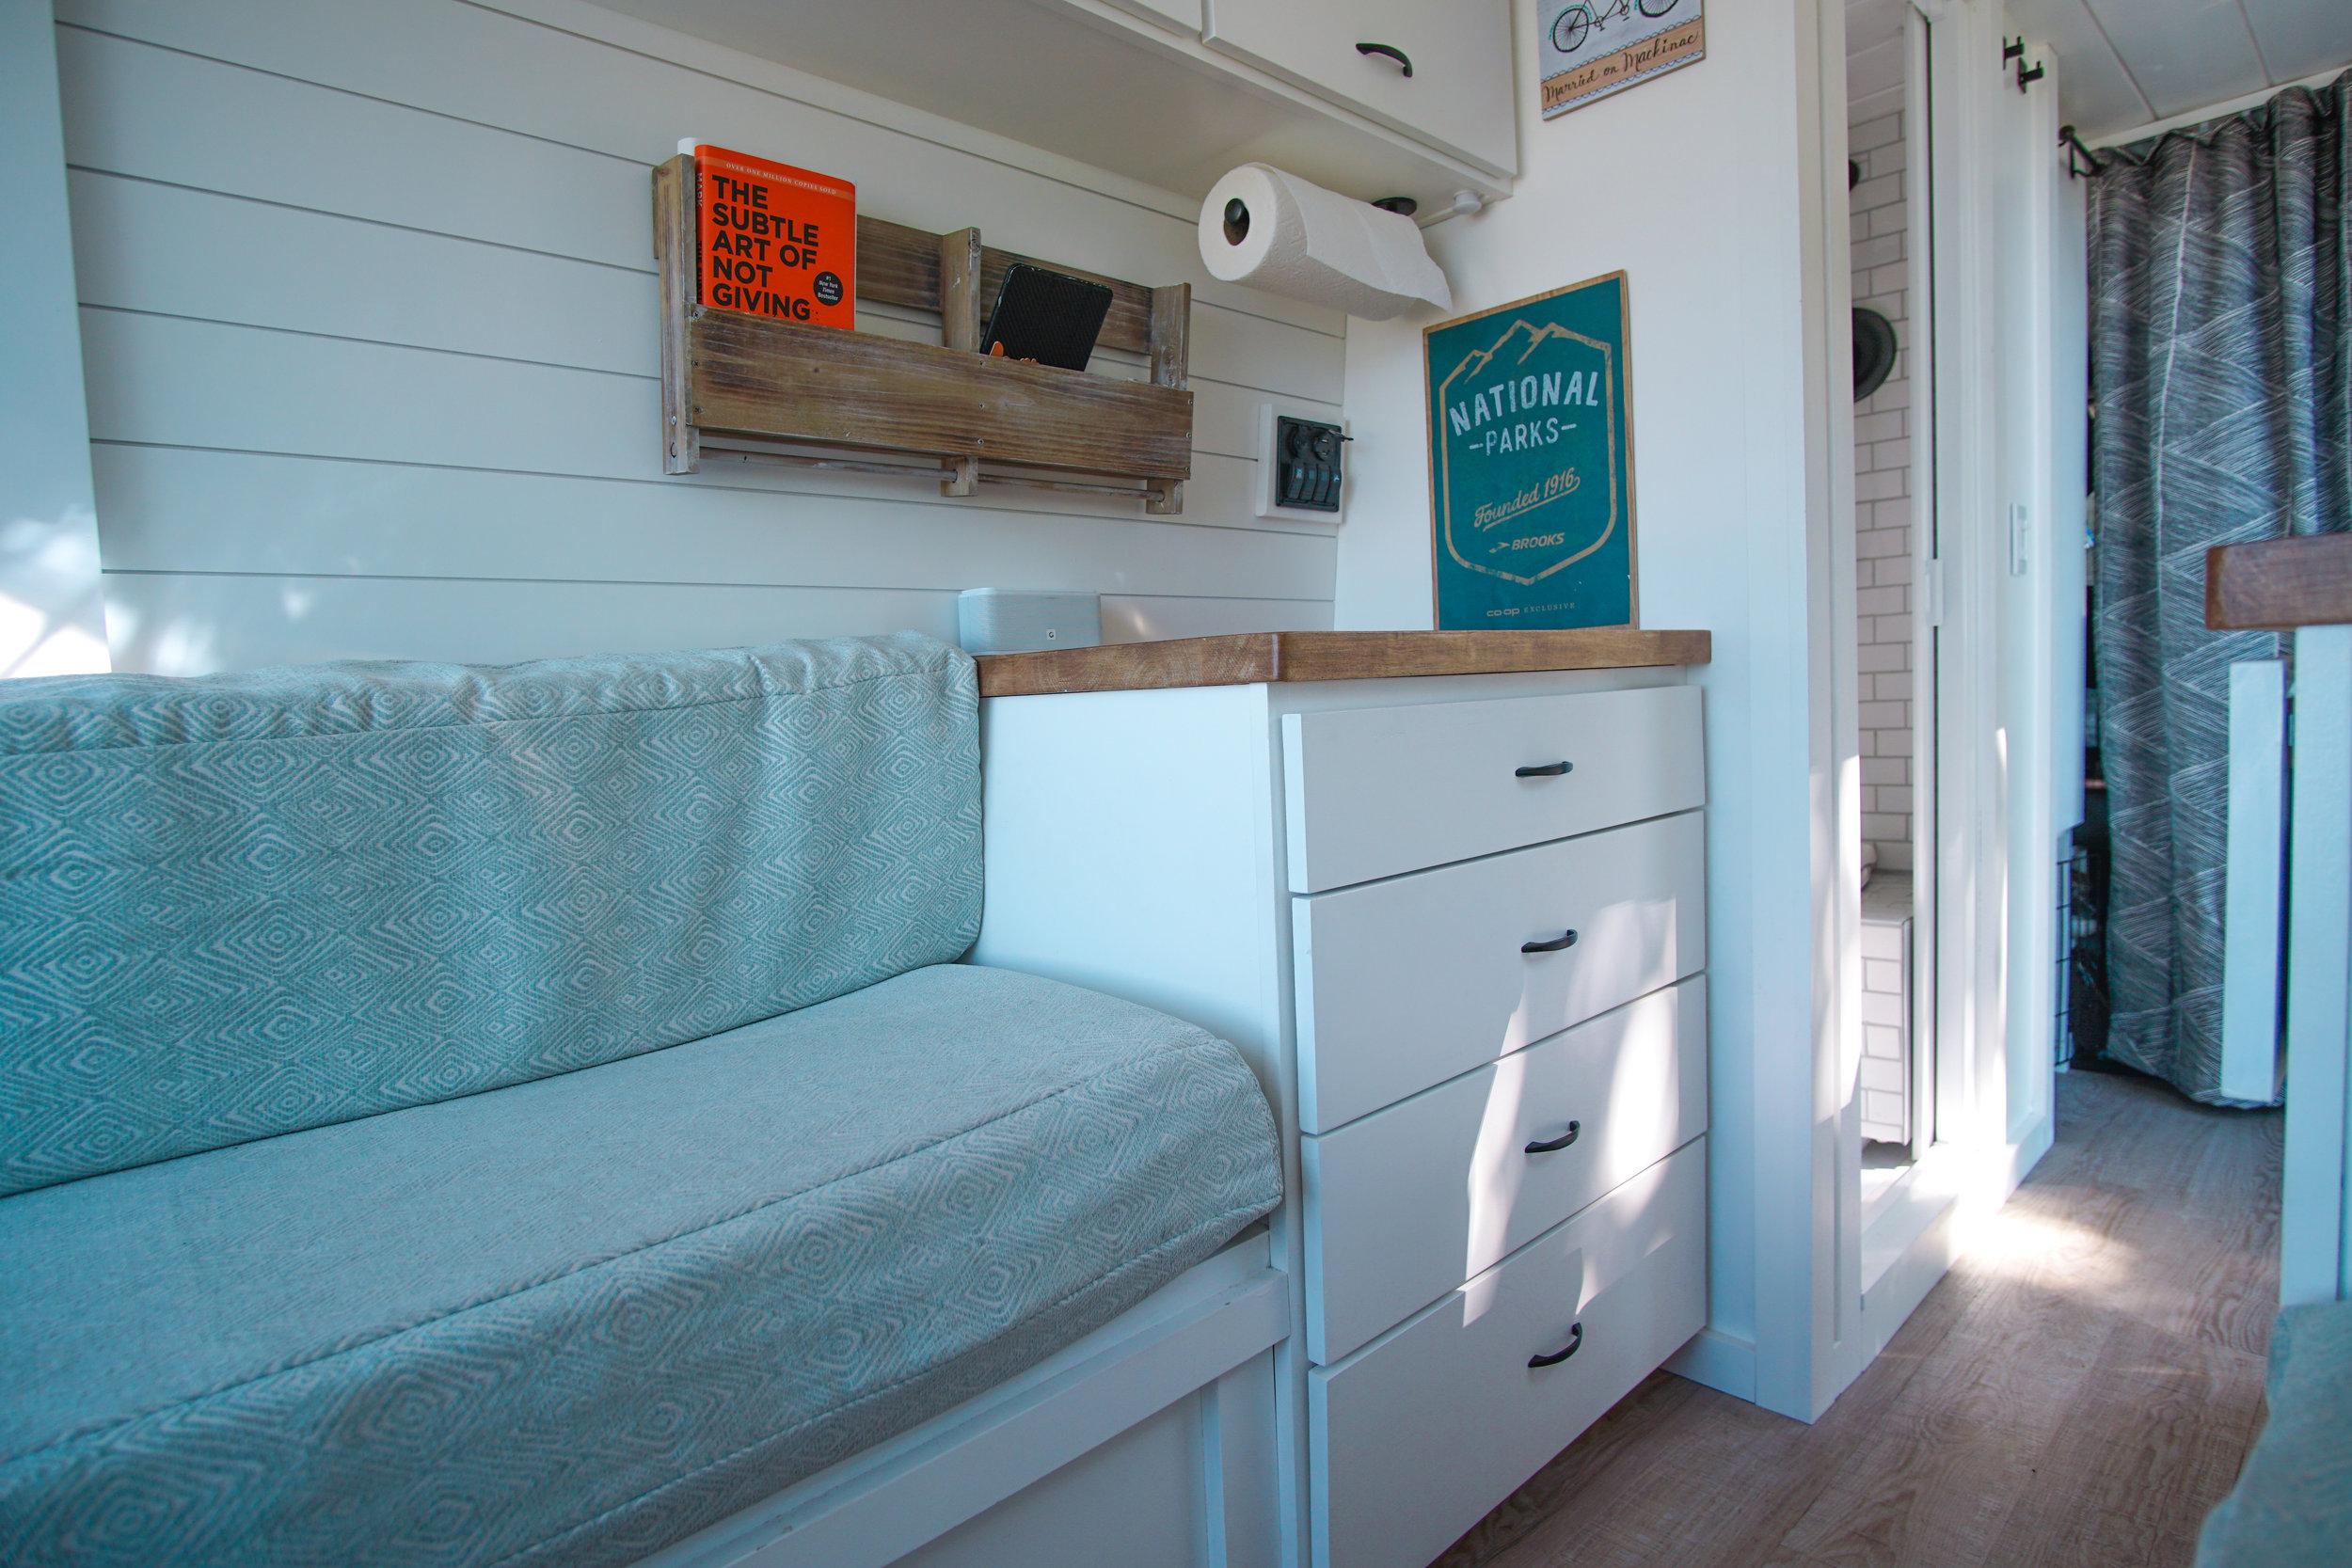 van and bathroom 1.jpg